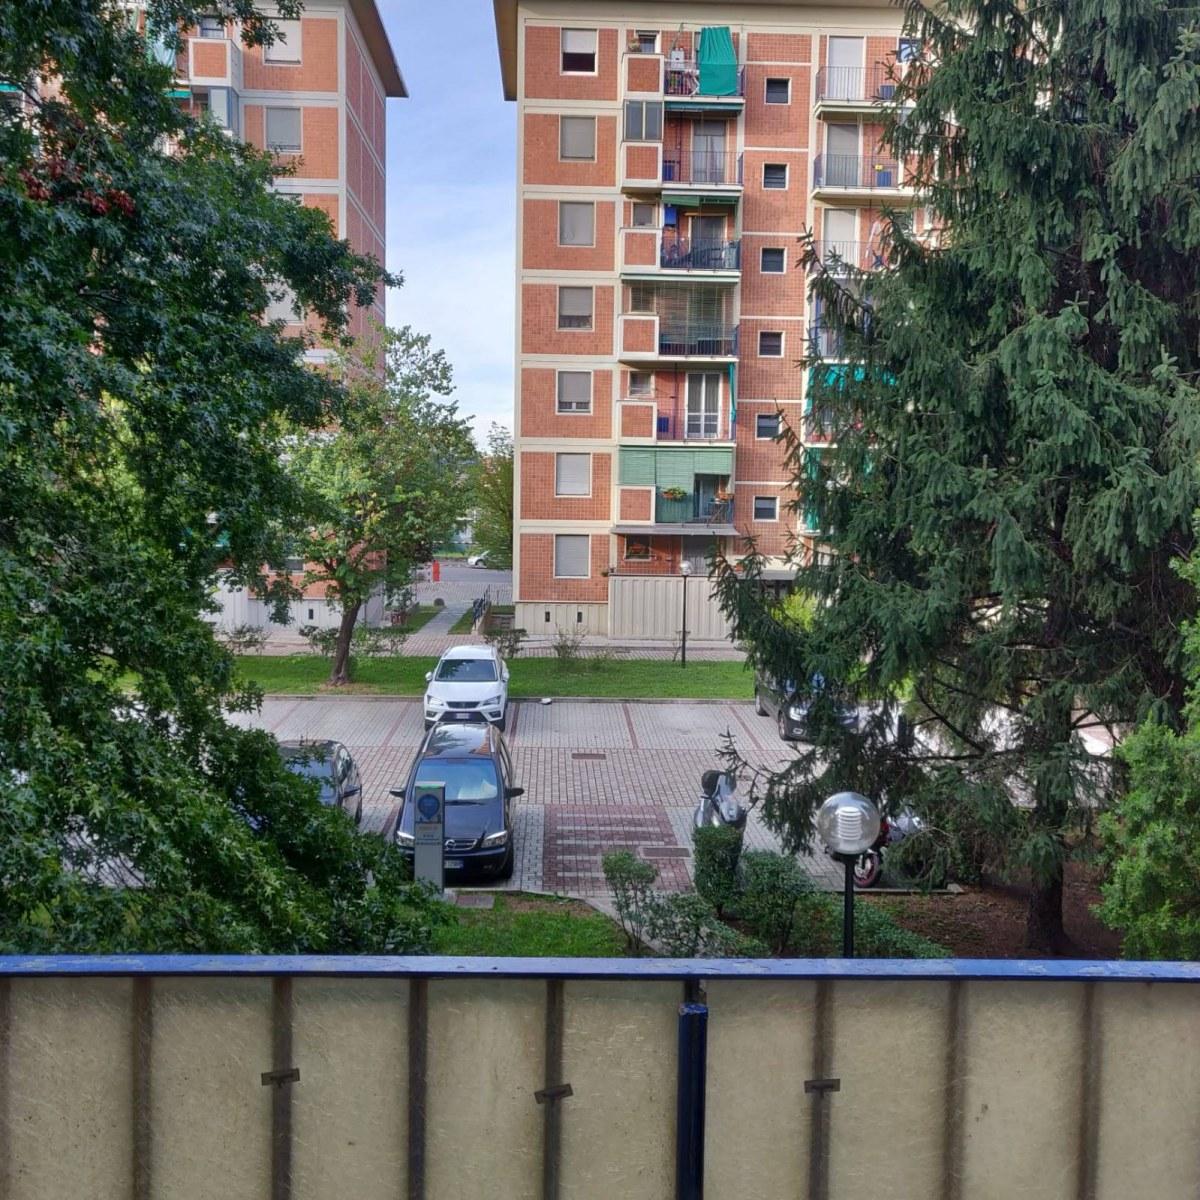 appartamento-in-vendita-milano-quartiere-olmi-milano-baggio-spaziourbano-immobiliare-vende-12